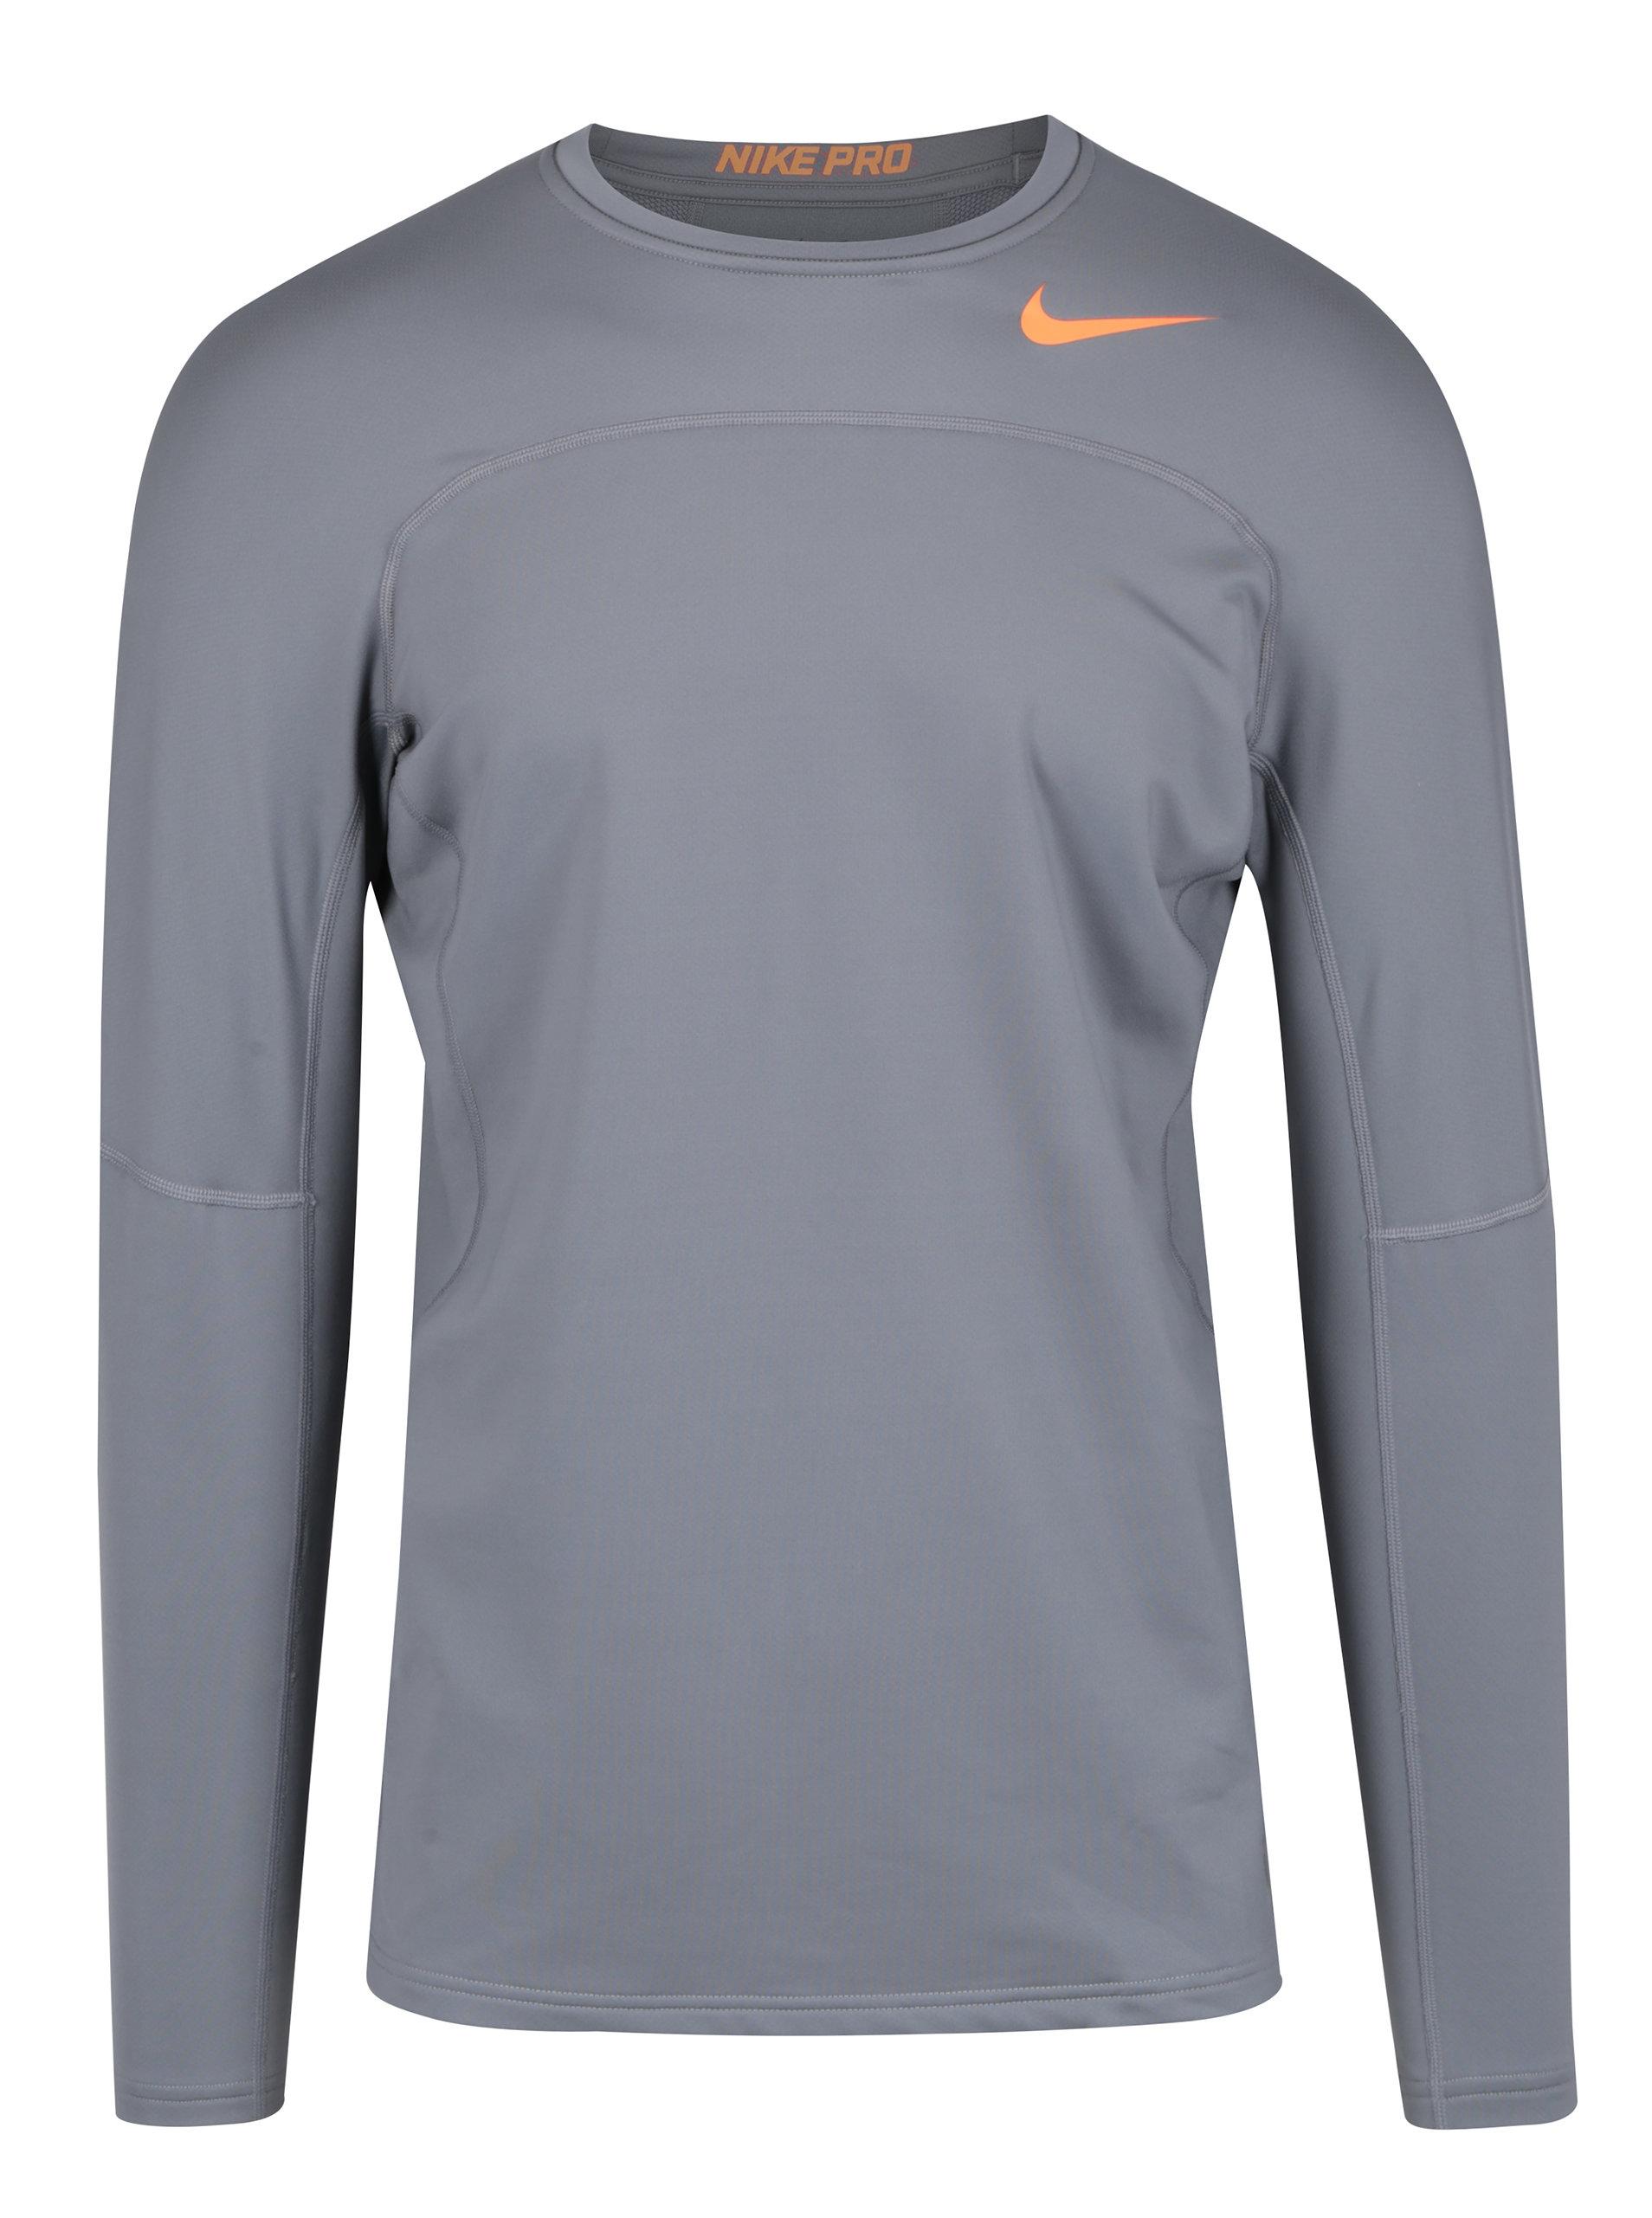 51efe05d3eb4 Sivé pánske funkčné tričko s dlhým rukávom Nike ...